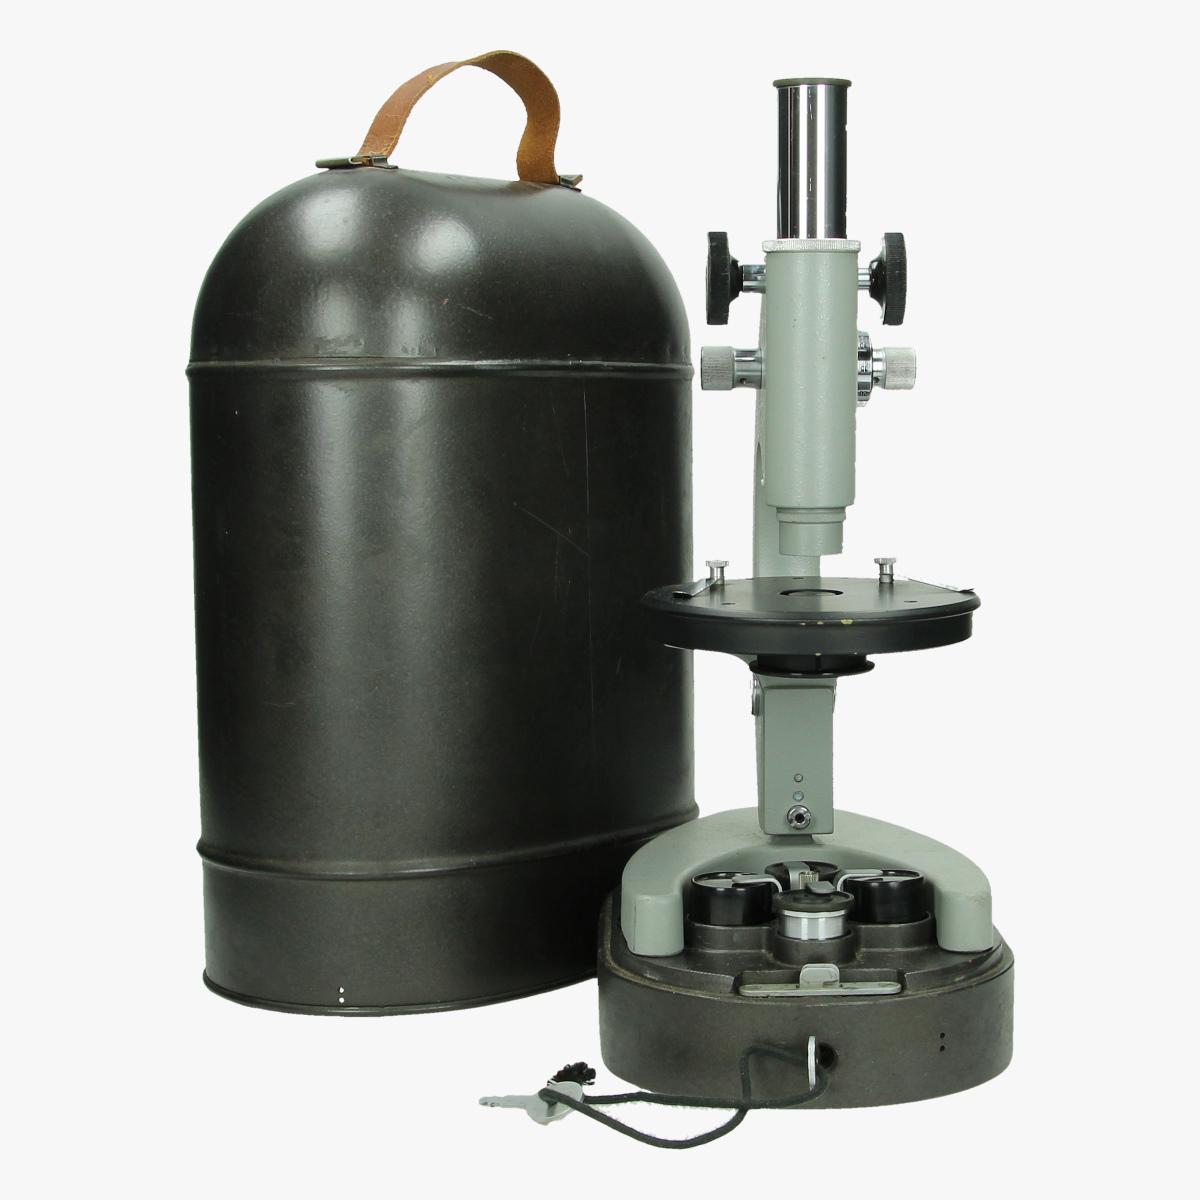 Afbeeldingen van militaire veld microscoop in metalen box, goede staat